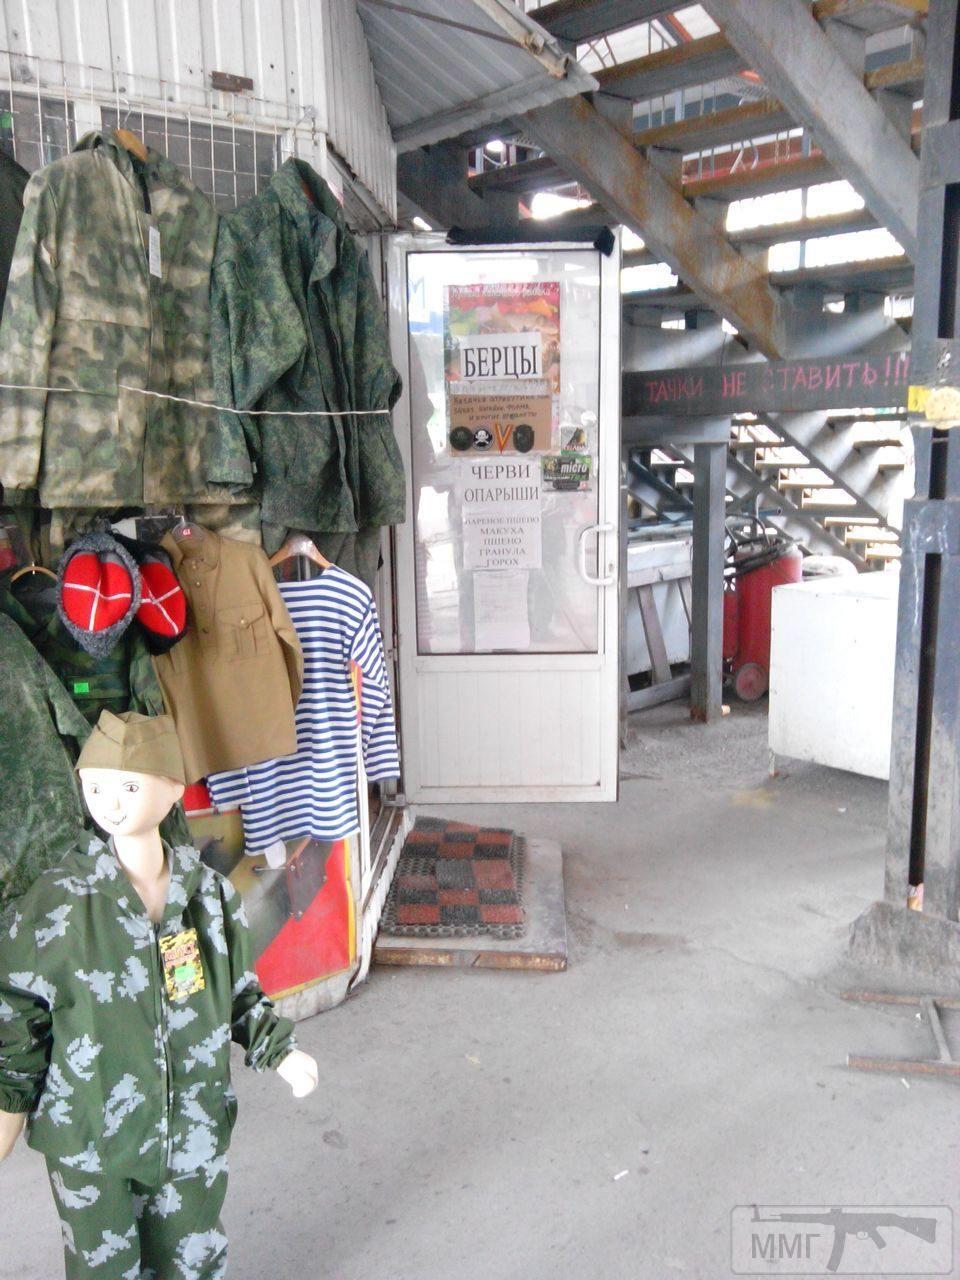 25175 - Оккупированная Украина в фотографиях (2014-...)